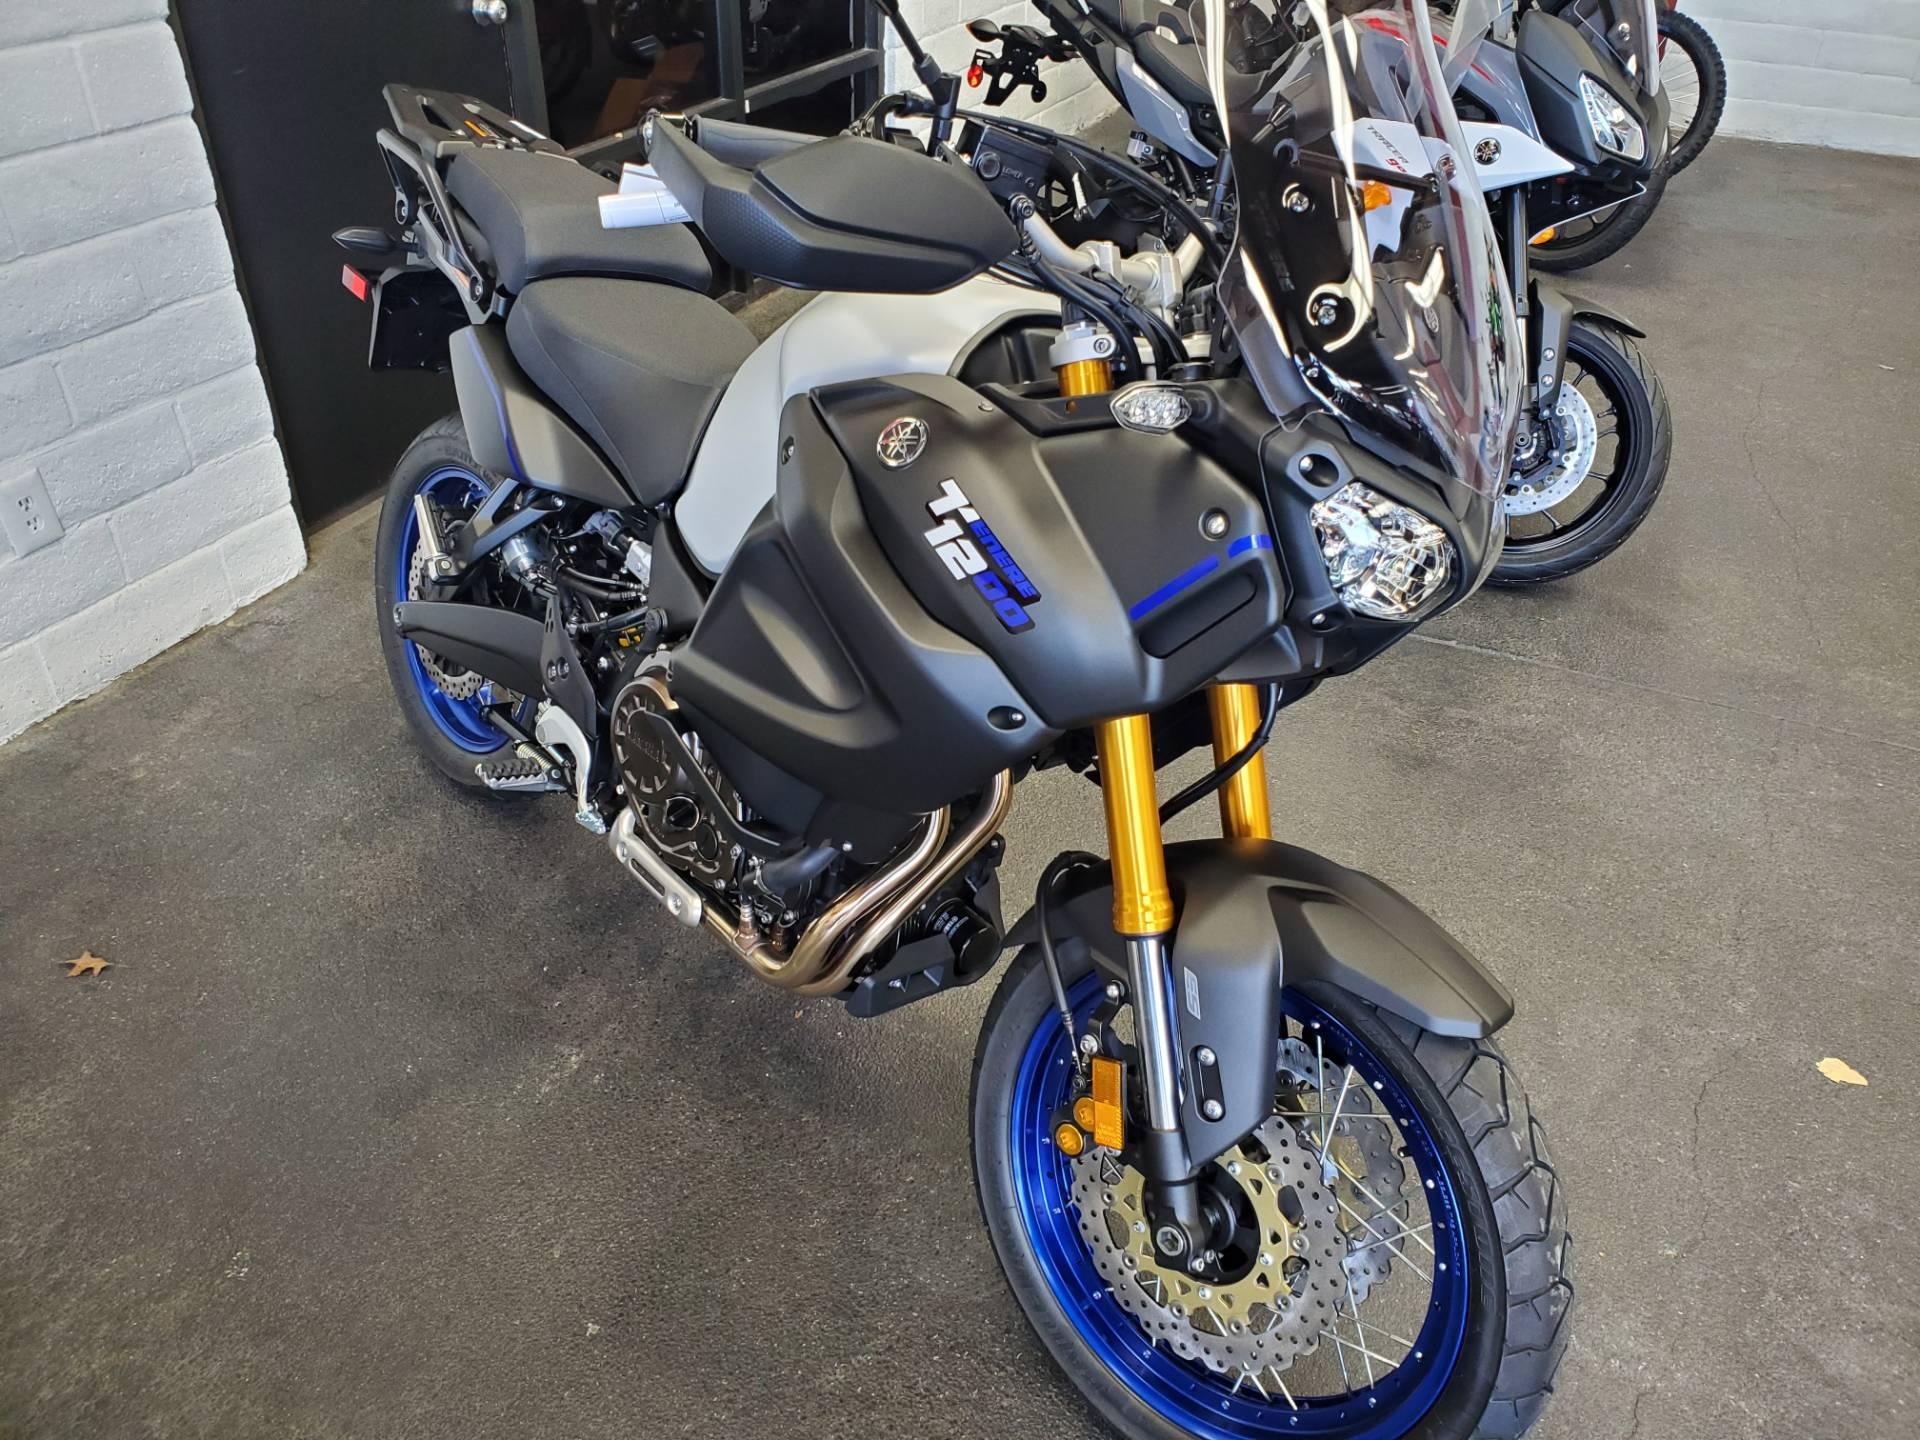 2020 Yamaha Super Tenere ES 1